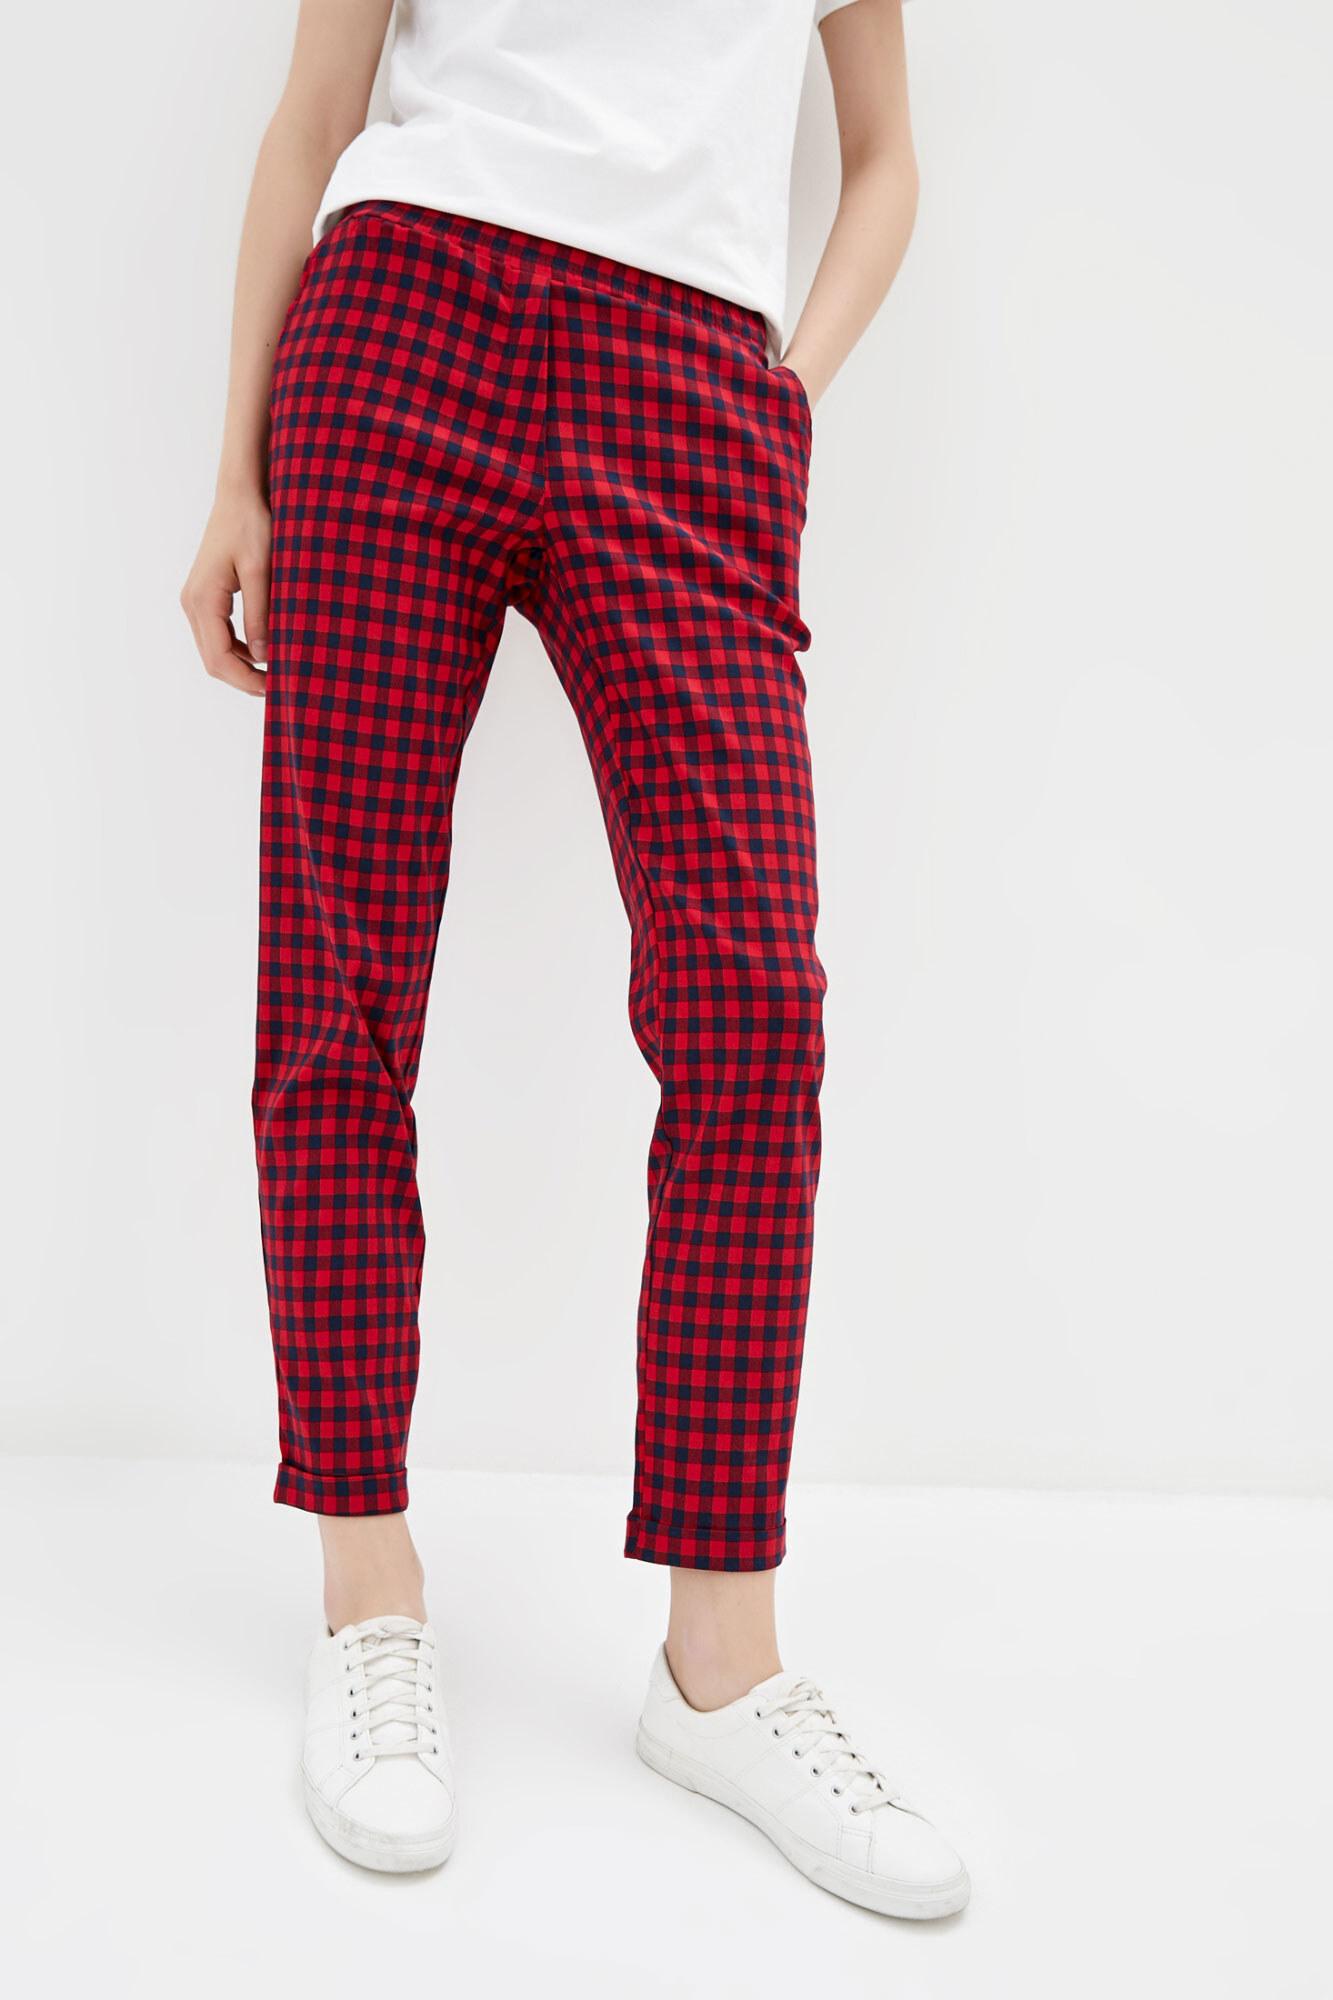 Красные клетчатые штаны в кэжуал стиле